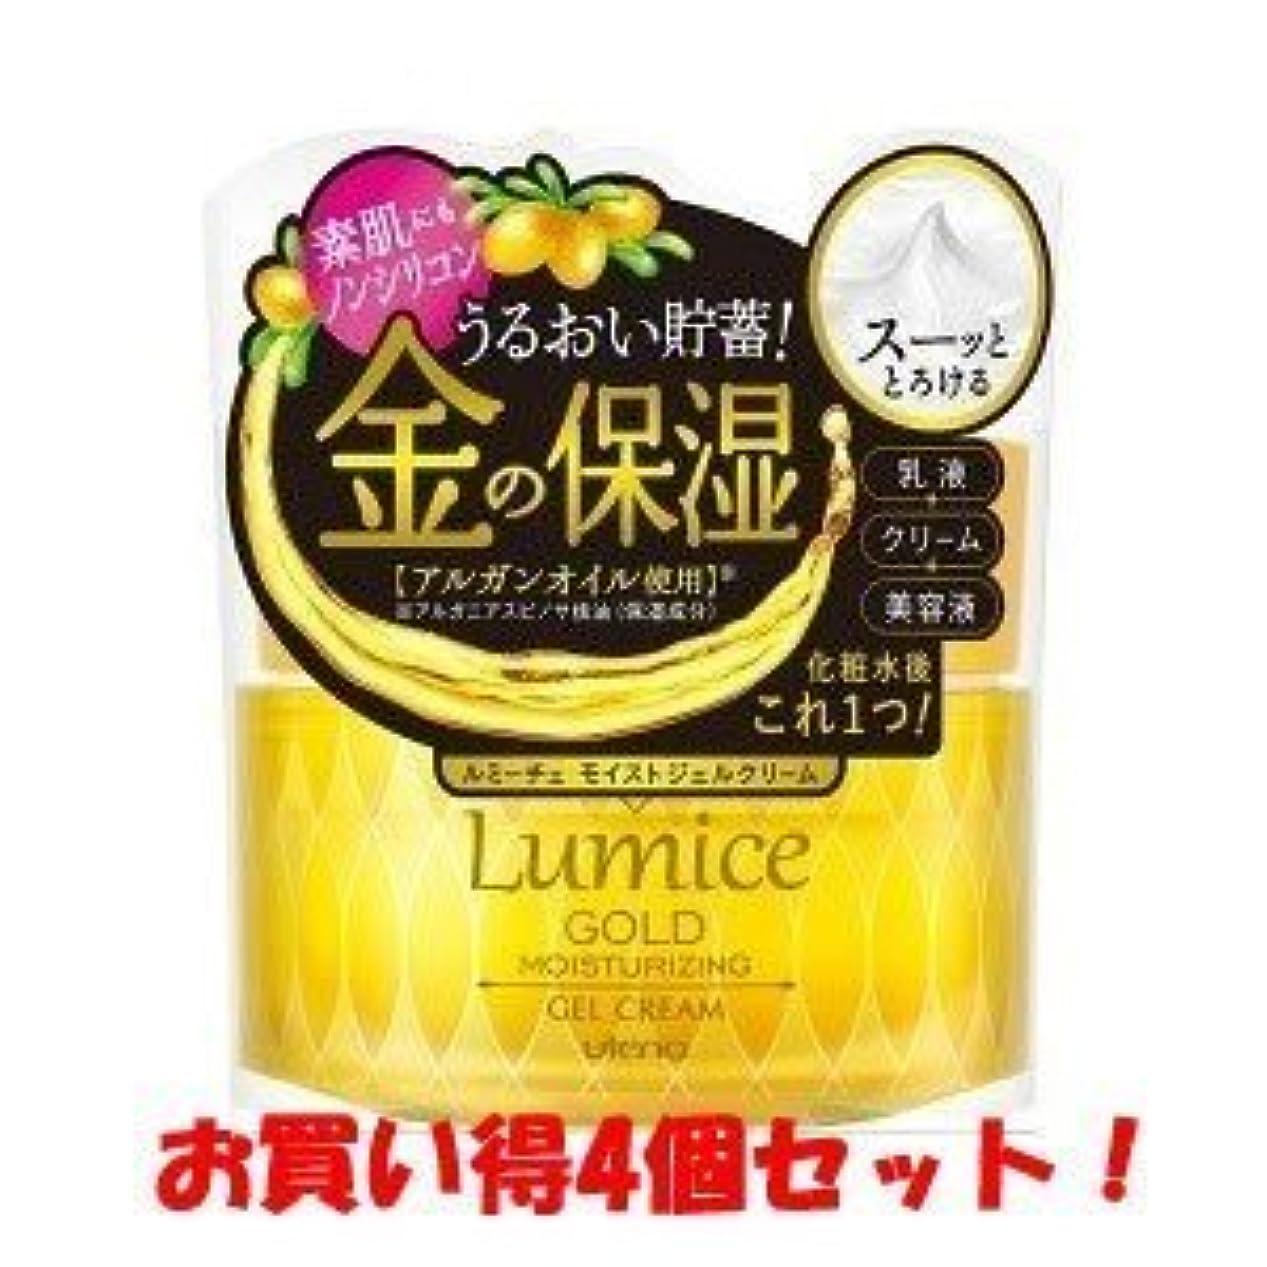 騒乱神秘的なとても多くの(ウテナ)ルミーチェ ゴールド ジェルクリーム 80g(お買い得4個セット)